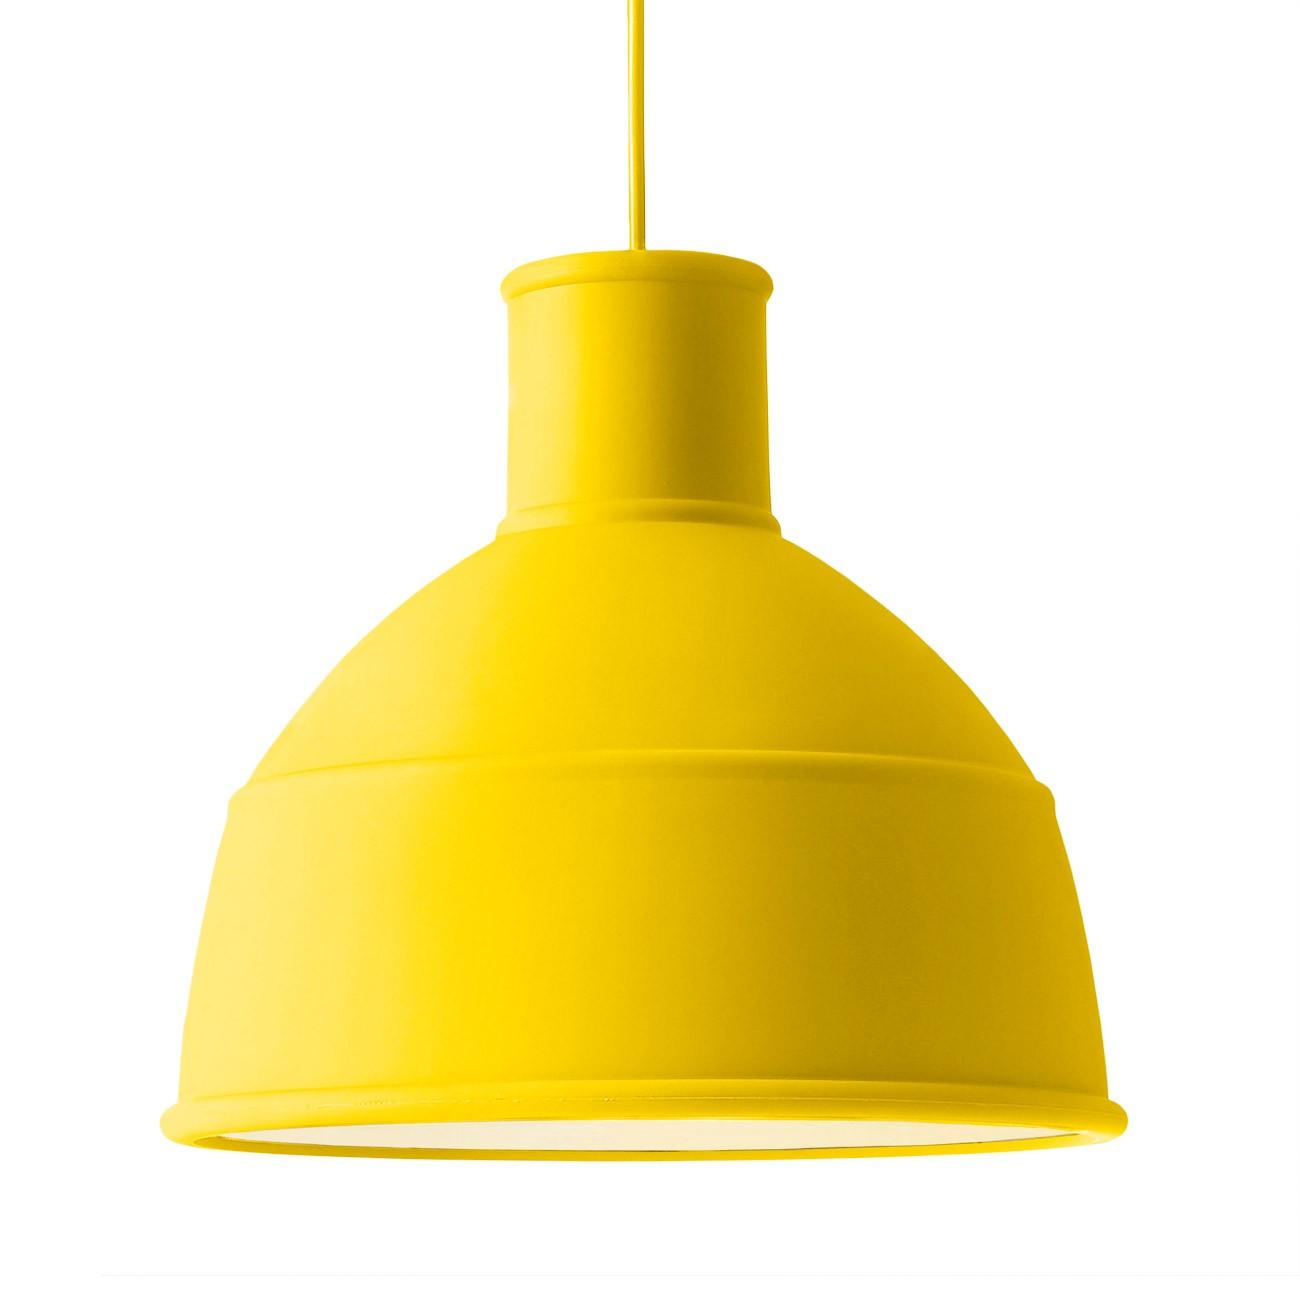 Muuto Leuchte muuto unfold hängeleuchte gelb 32 5 cm 09005 möbel len leuchten